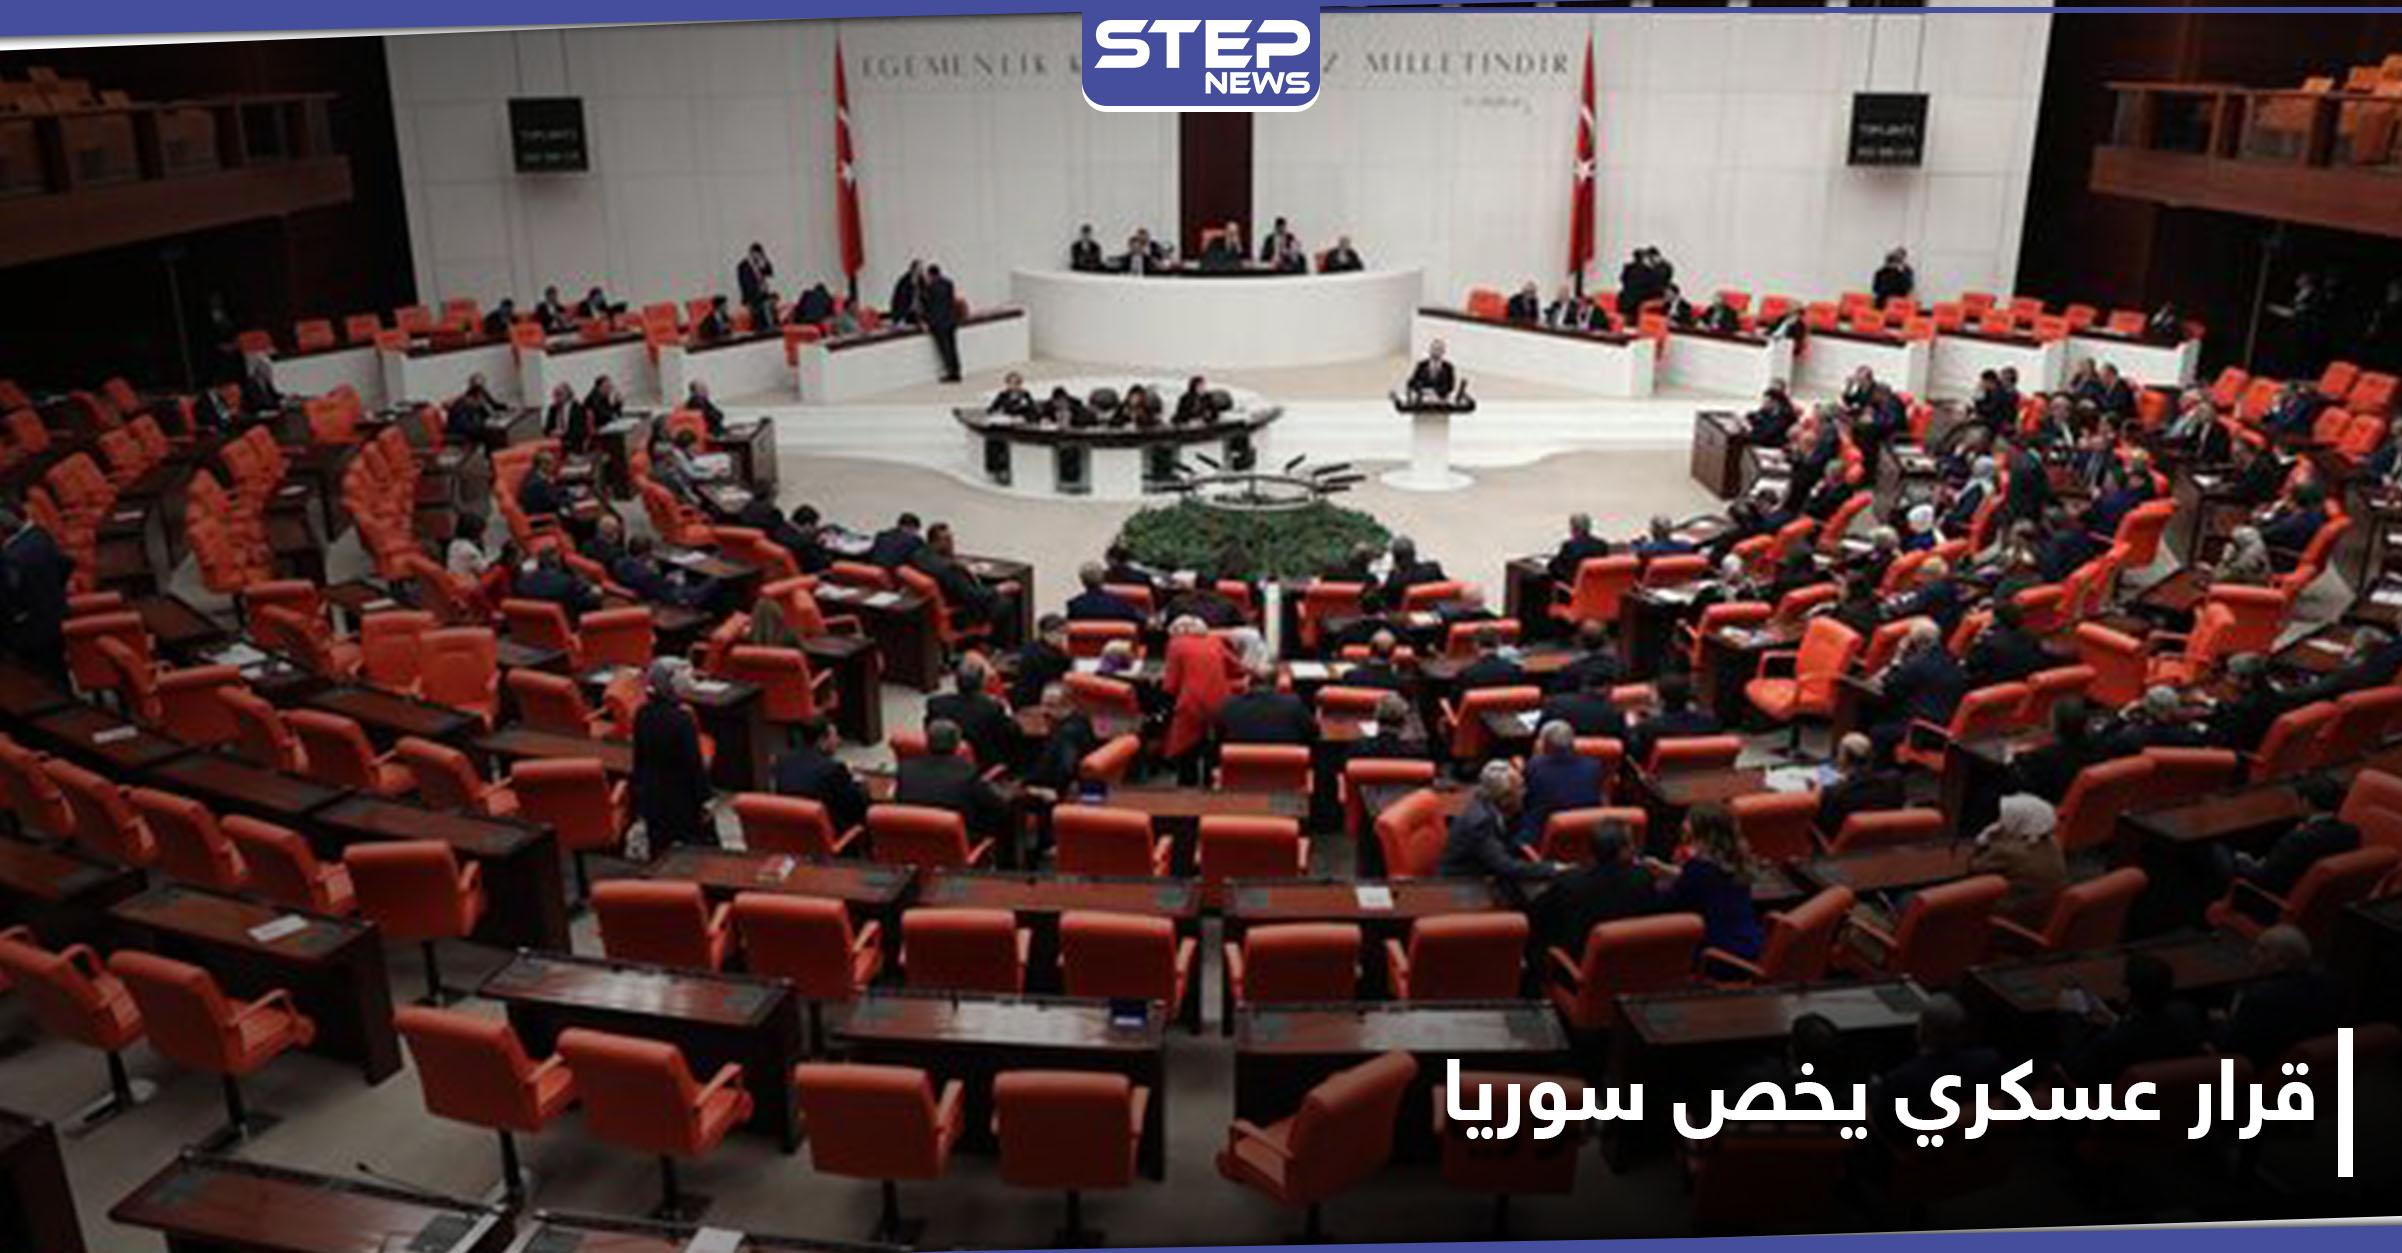 البرلمان التركي يصادق على قرار عسكري يخص سوريا